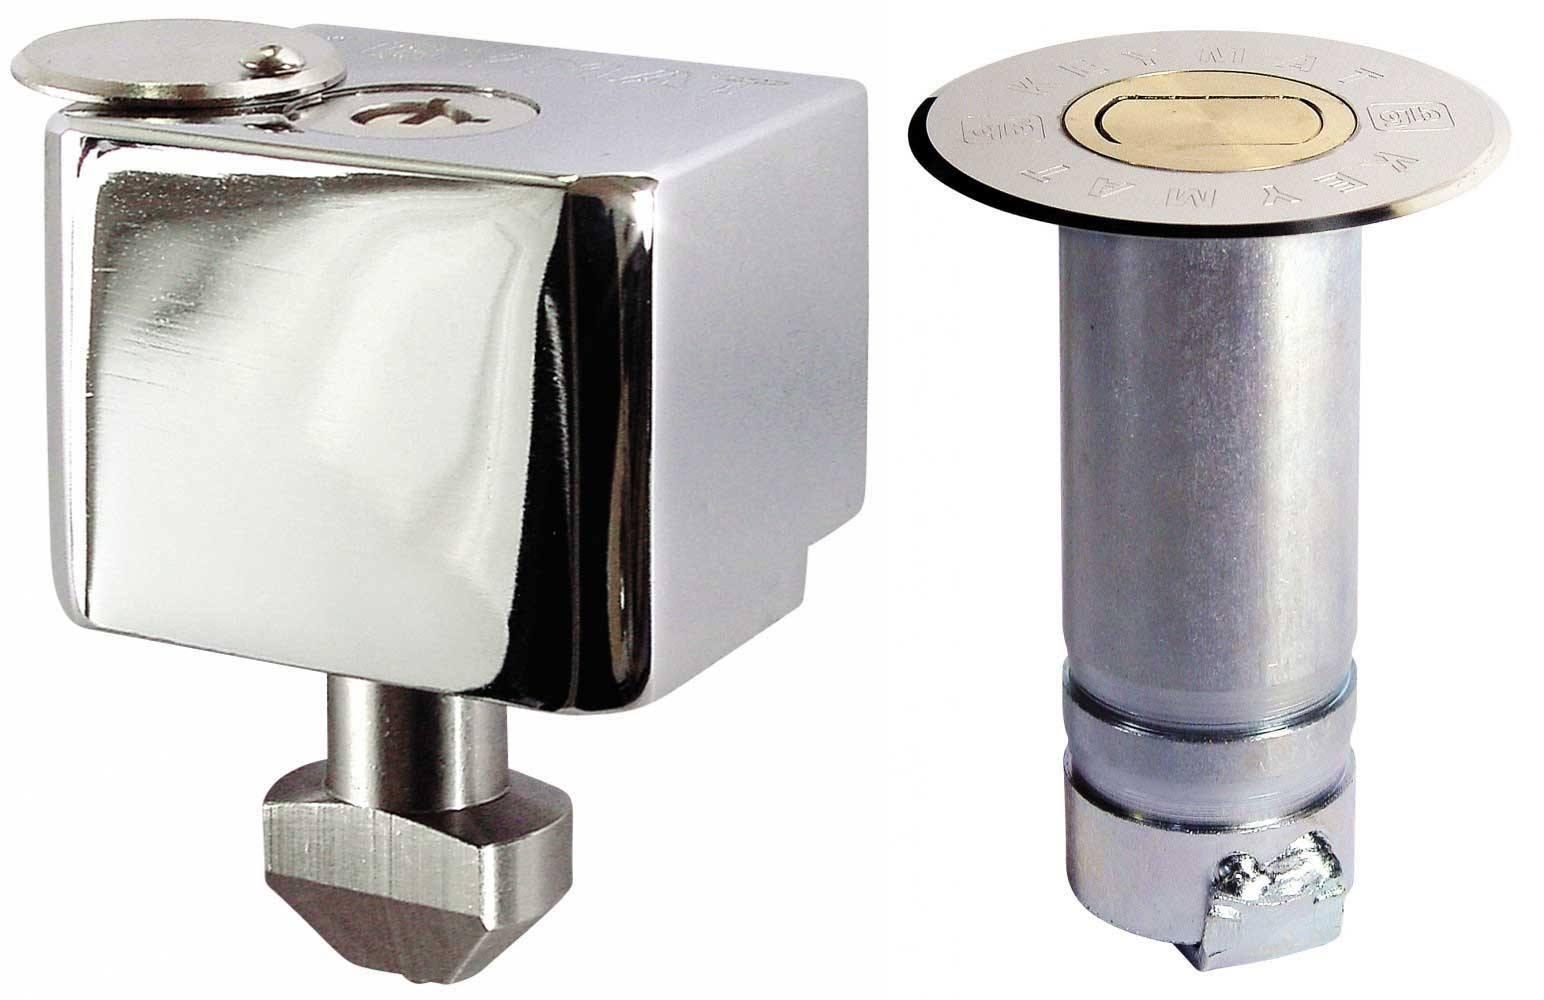 dispositivo keymat - Cerradura persiana metalica de suelo cierres de seguridad antirrobo persianas